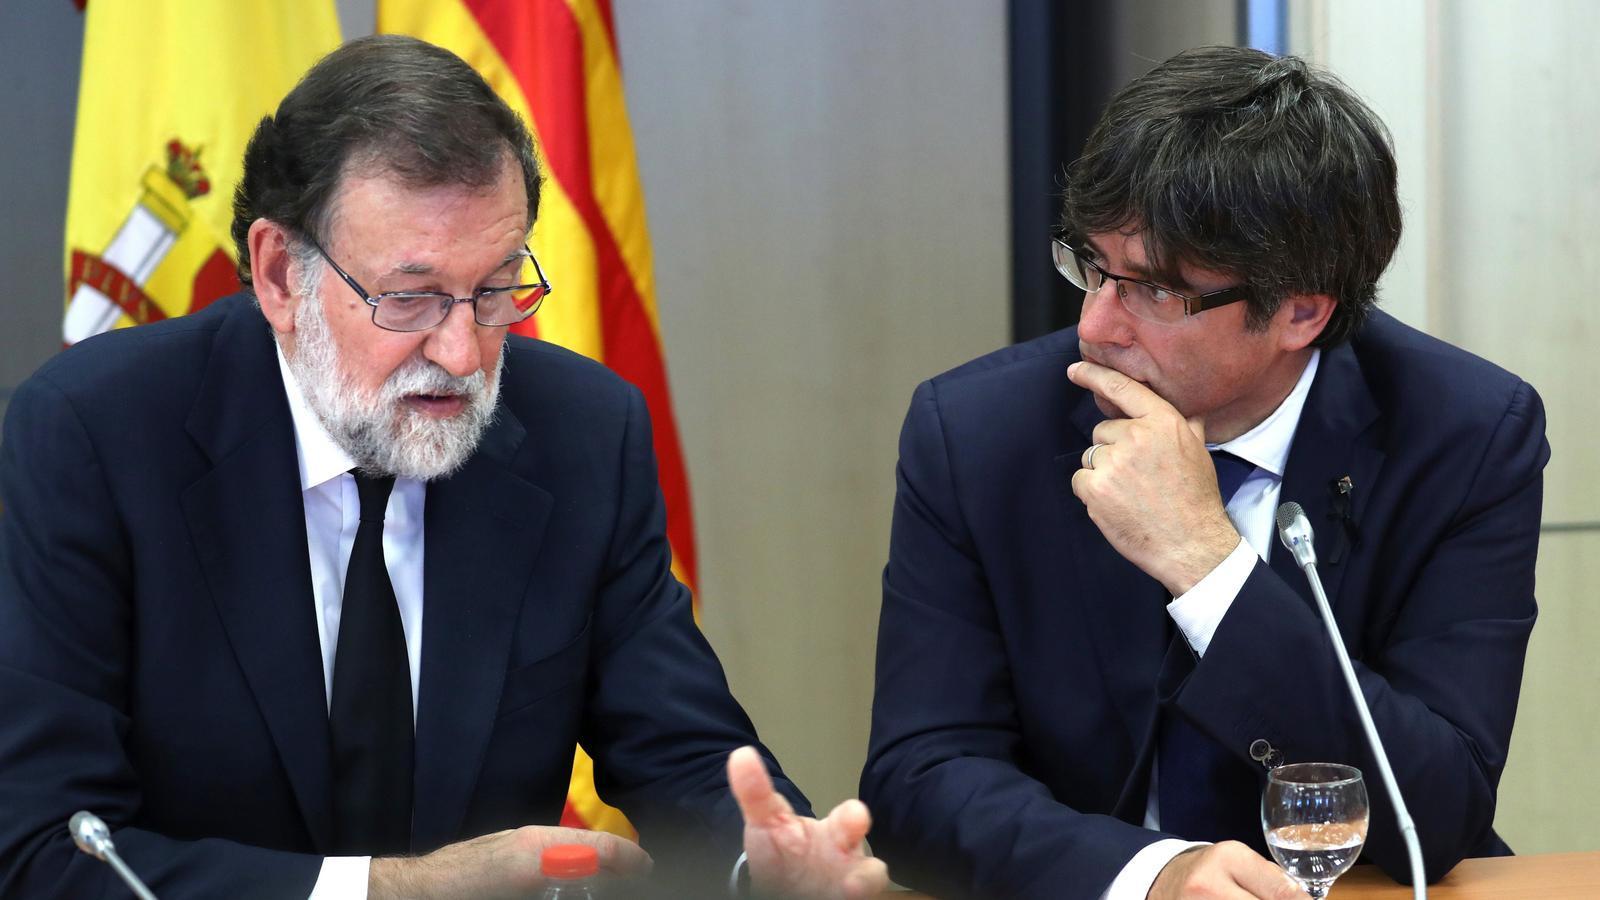 Mariano Rajoy i Carles Puigdemont, durant la reunió del comitè de crisi per l'atemptat de Barcelona